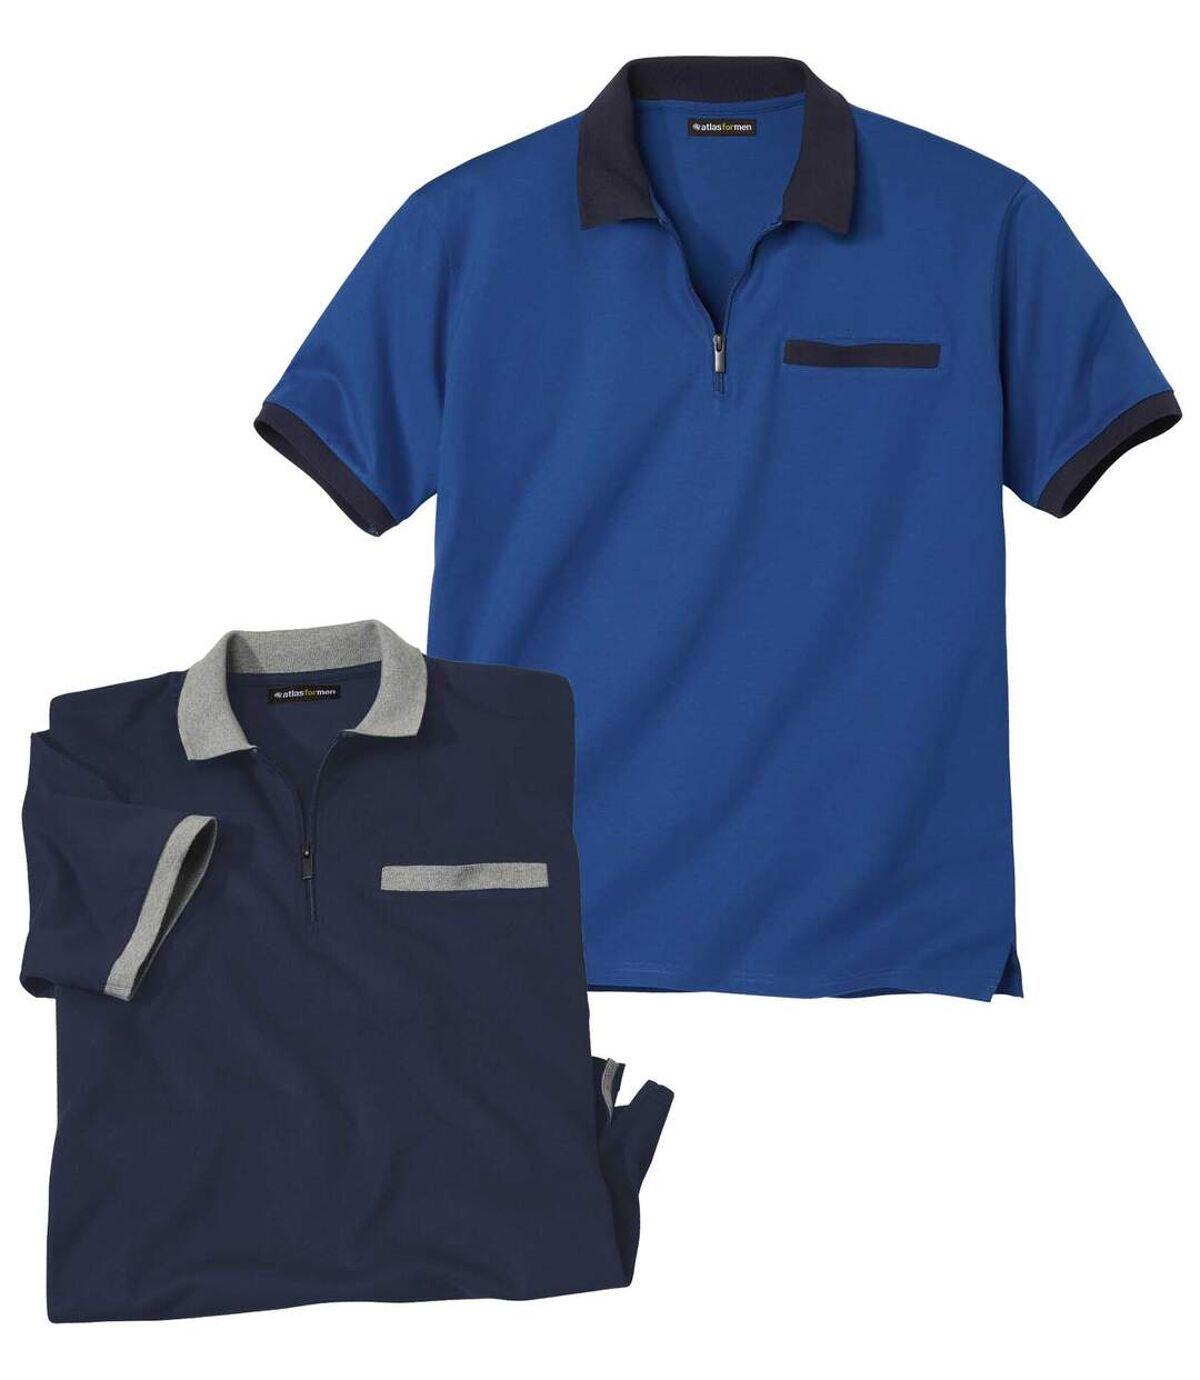 Pack of 2 Men's Atlas For Men® Polo Shirts - Navy Blue Atlas For Men